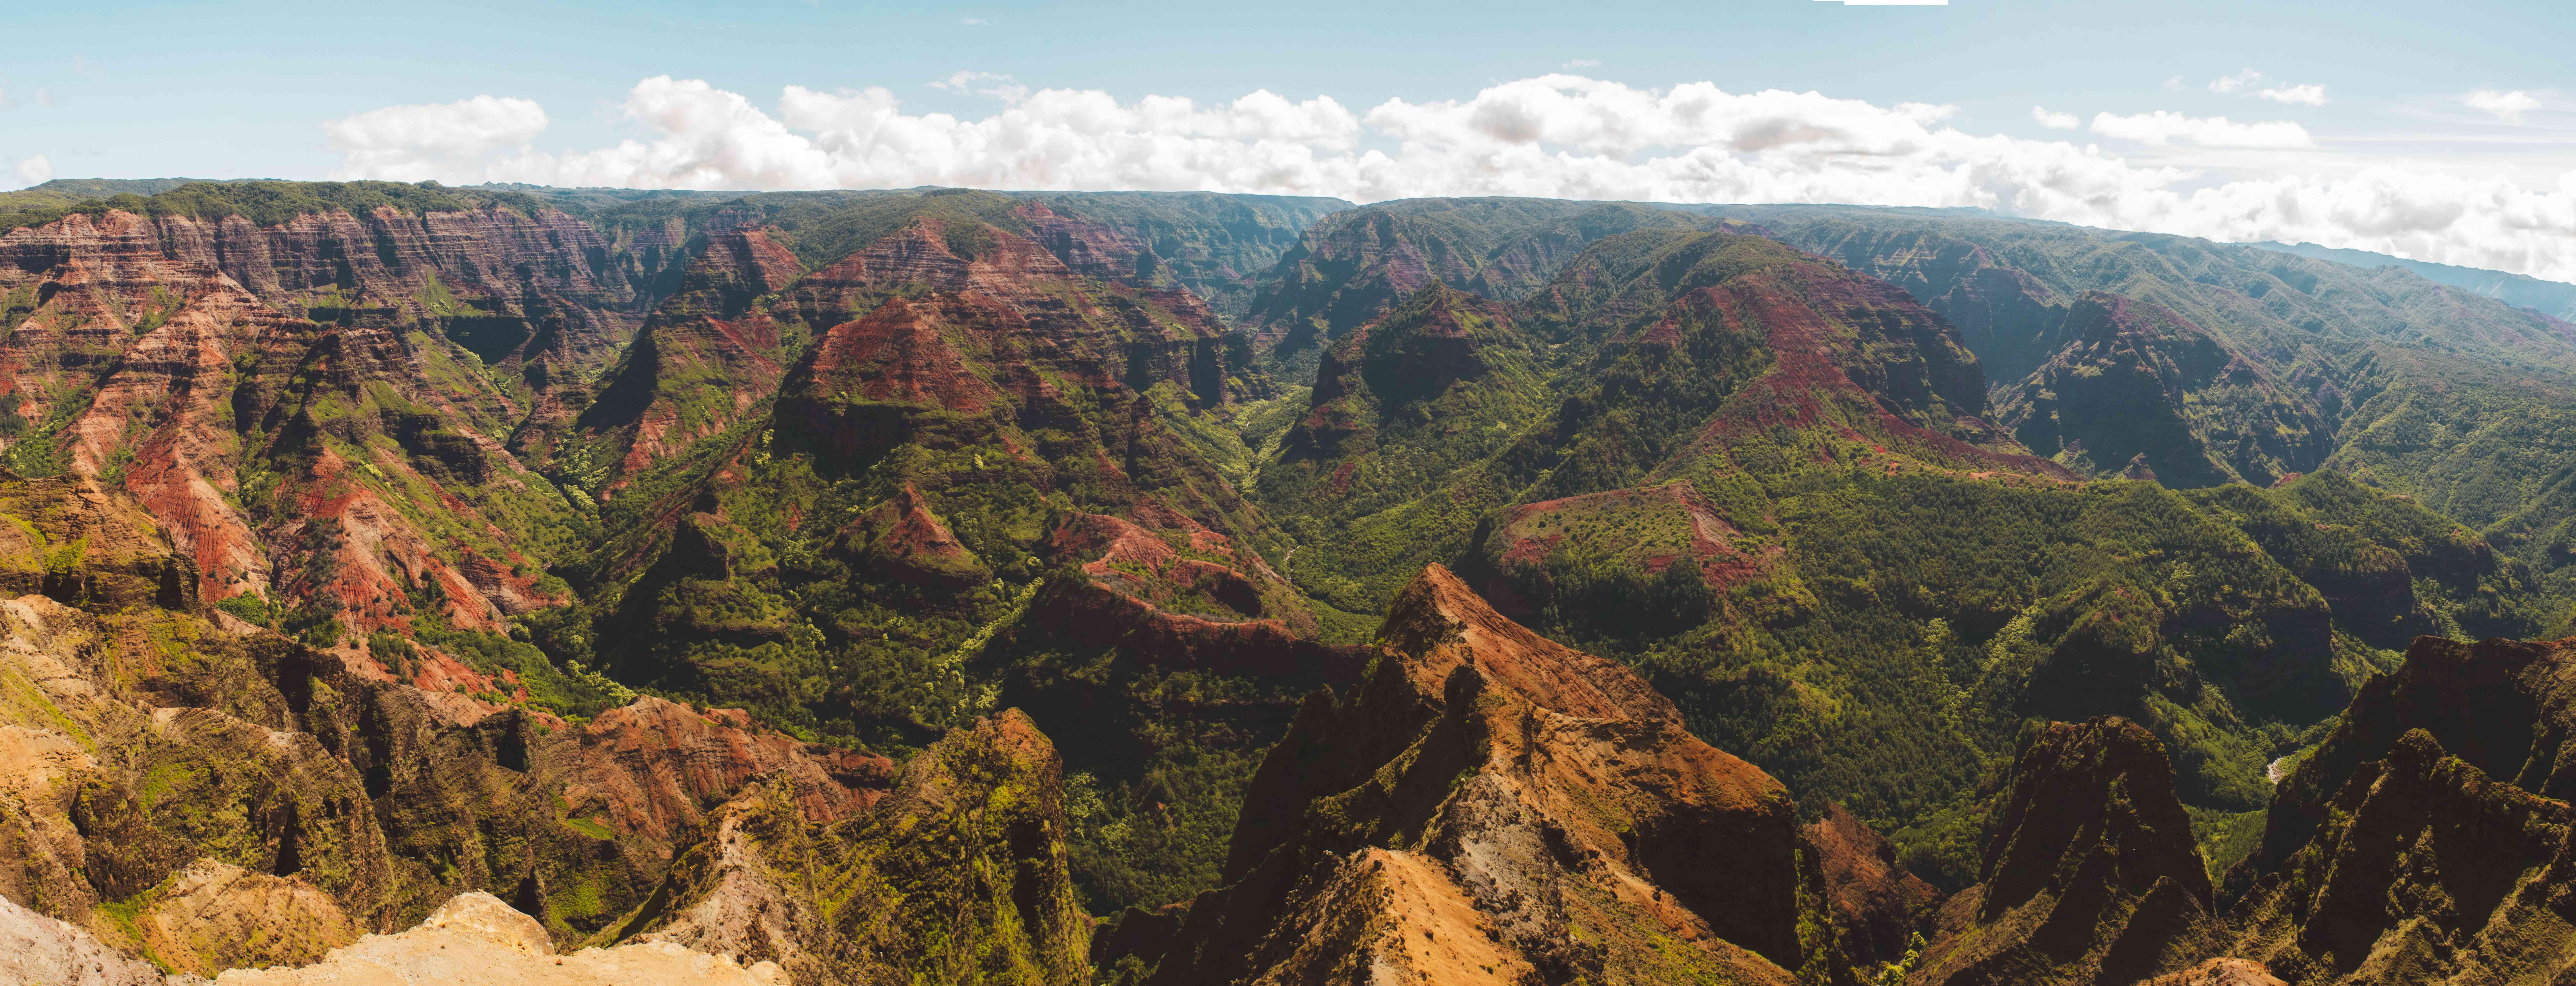 Wide view of the rocky waimea canyon